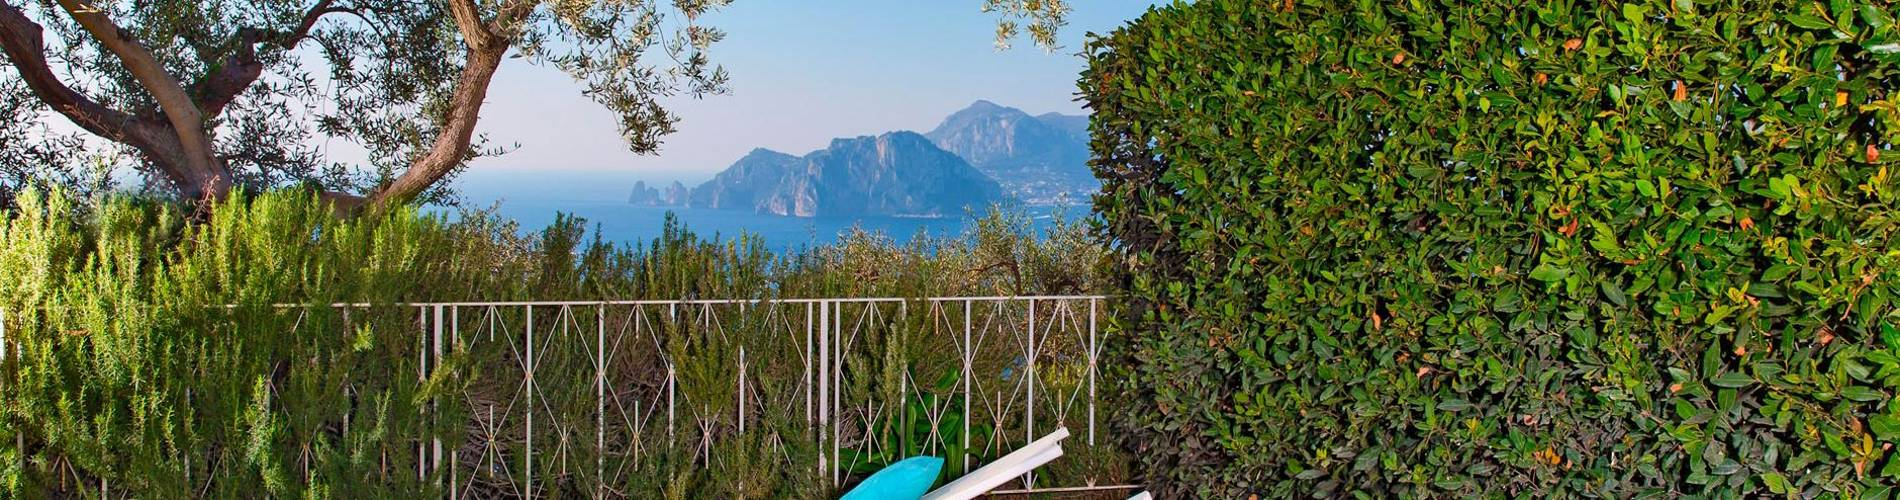 Relais Blu, Sorrento, Italy, Special Room SV (5).jpg